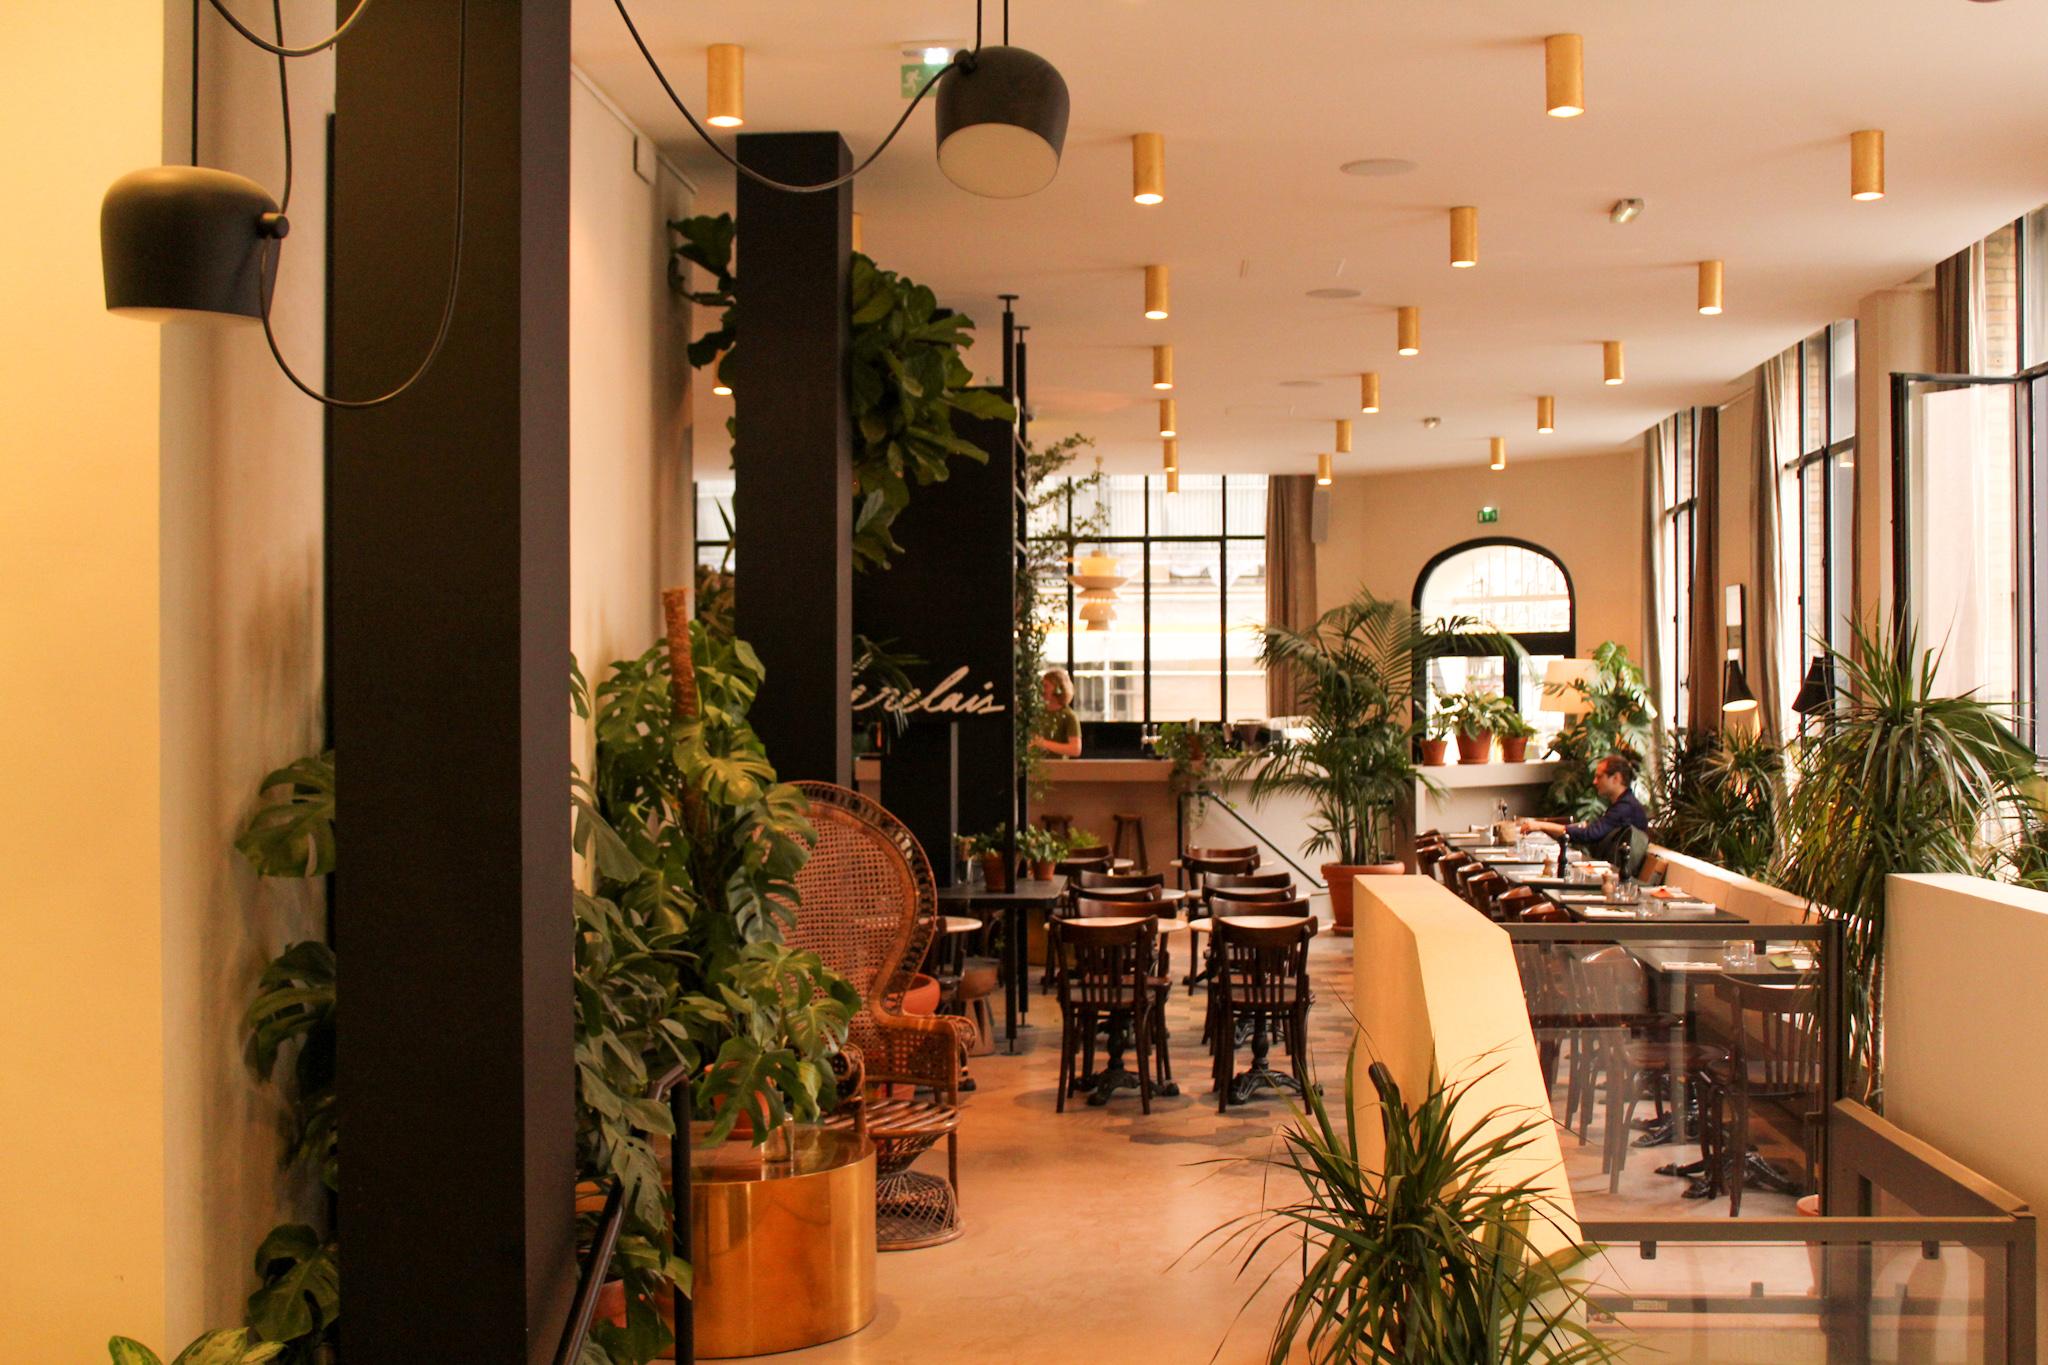 Le restaurant Le Relais a ouvert ses portes en mai 2019 / ©Cypriane El-Chami